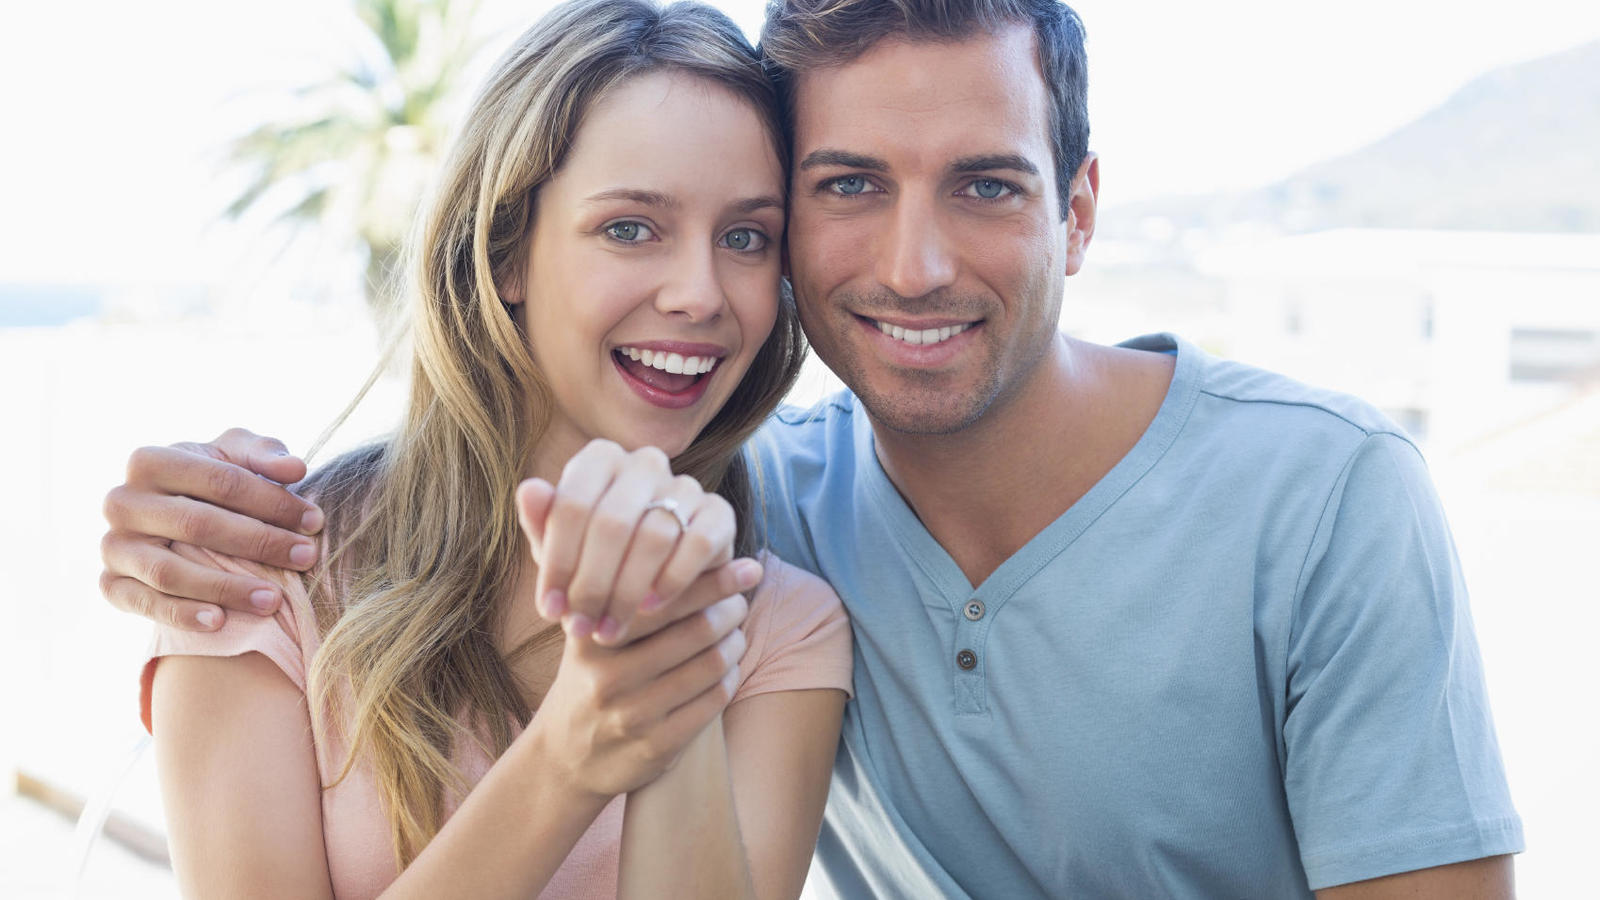 monogamia - Relaciones no monógamas: verdades y mentiras